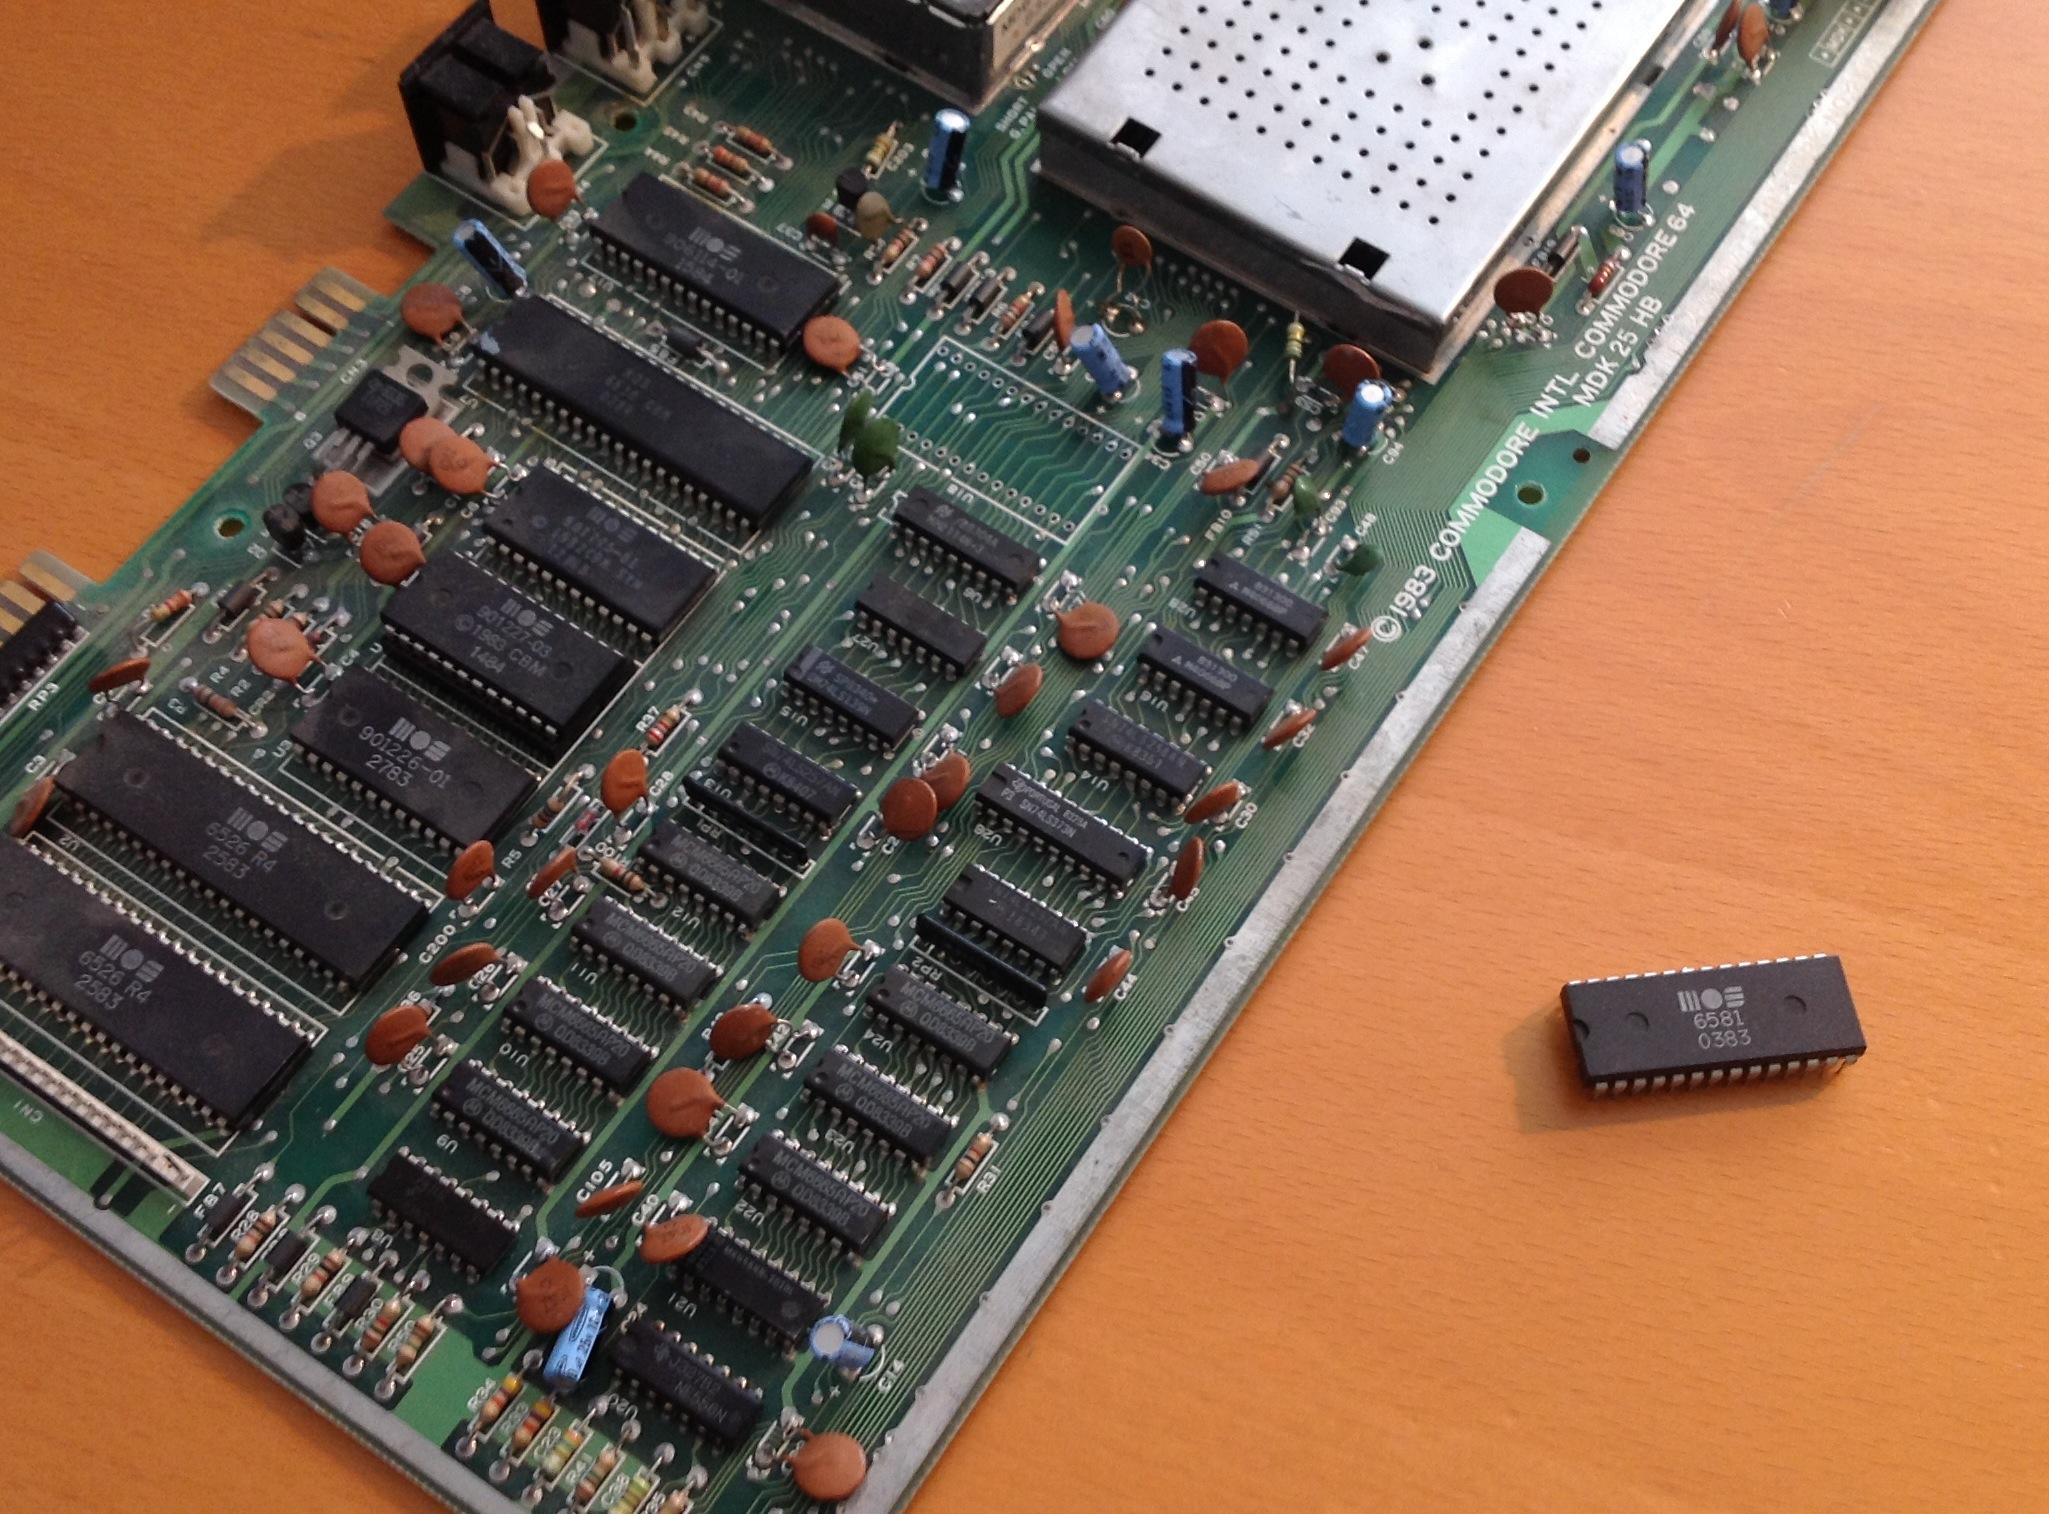 De Blauwe Schicht Commodorecircuitboardclockjpg Atari2usb Schematic